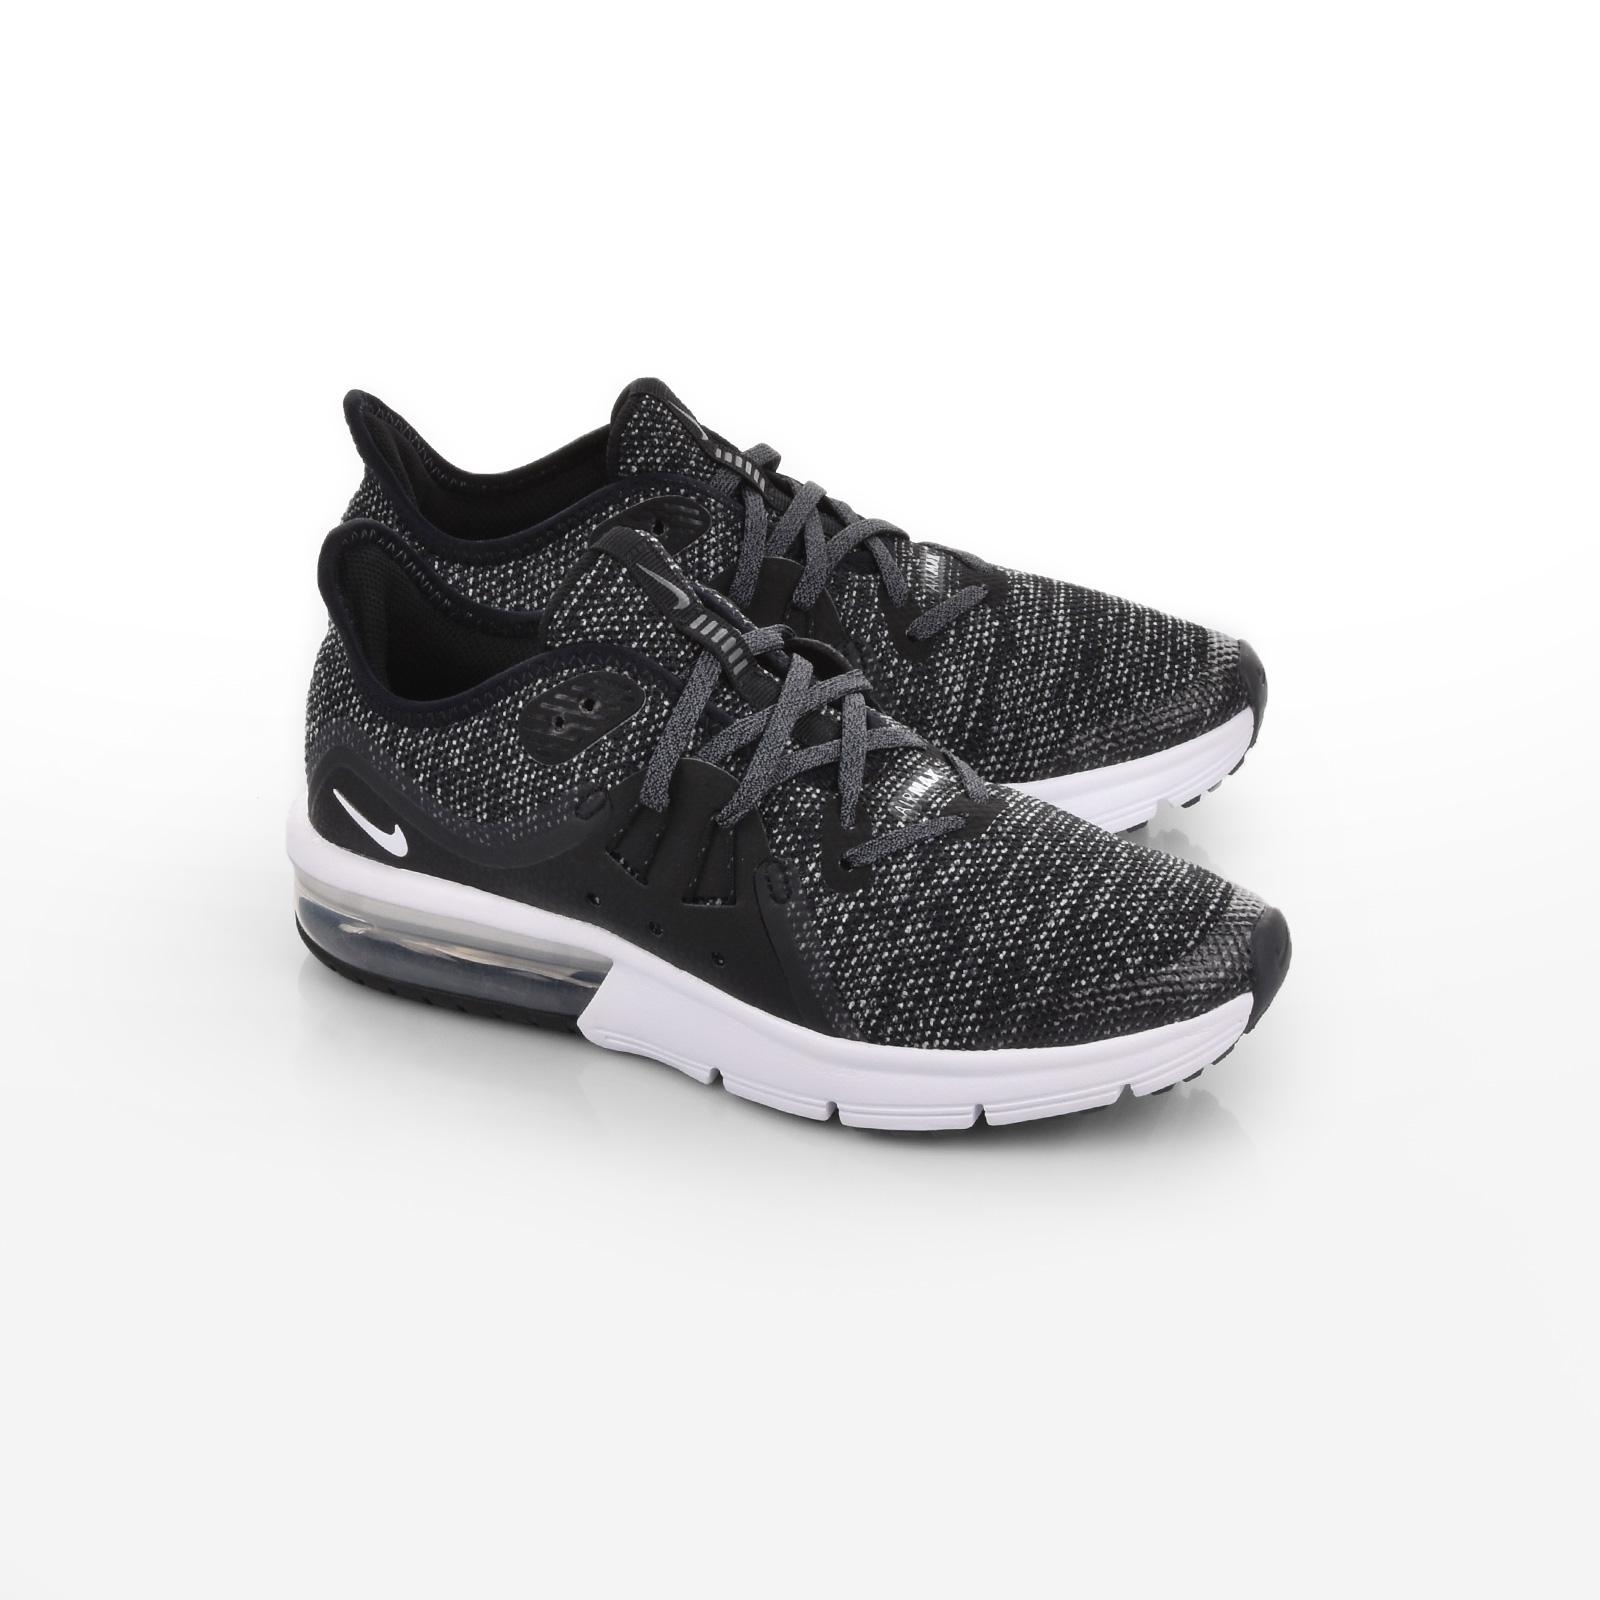 Nike - NIKE AIR MAX SEQUENT 3 (GS) - BLACK WHITE-DARK GREY-PR PLTNM ... cc67722132f